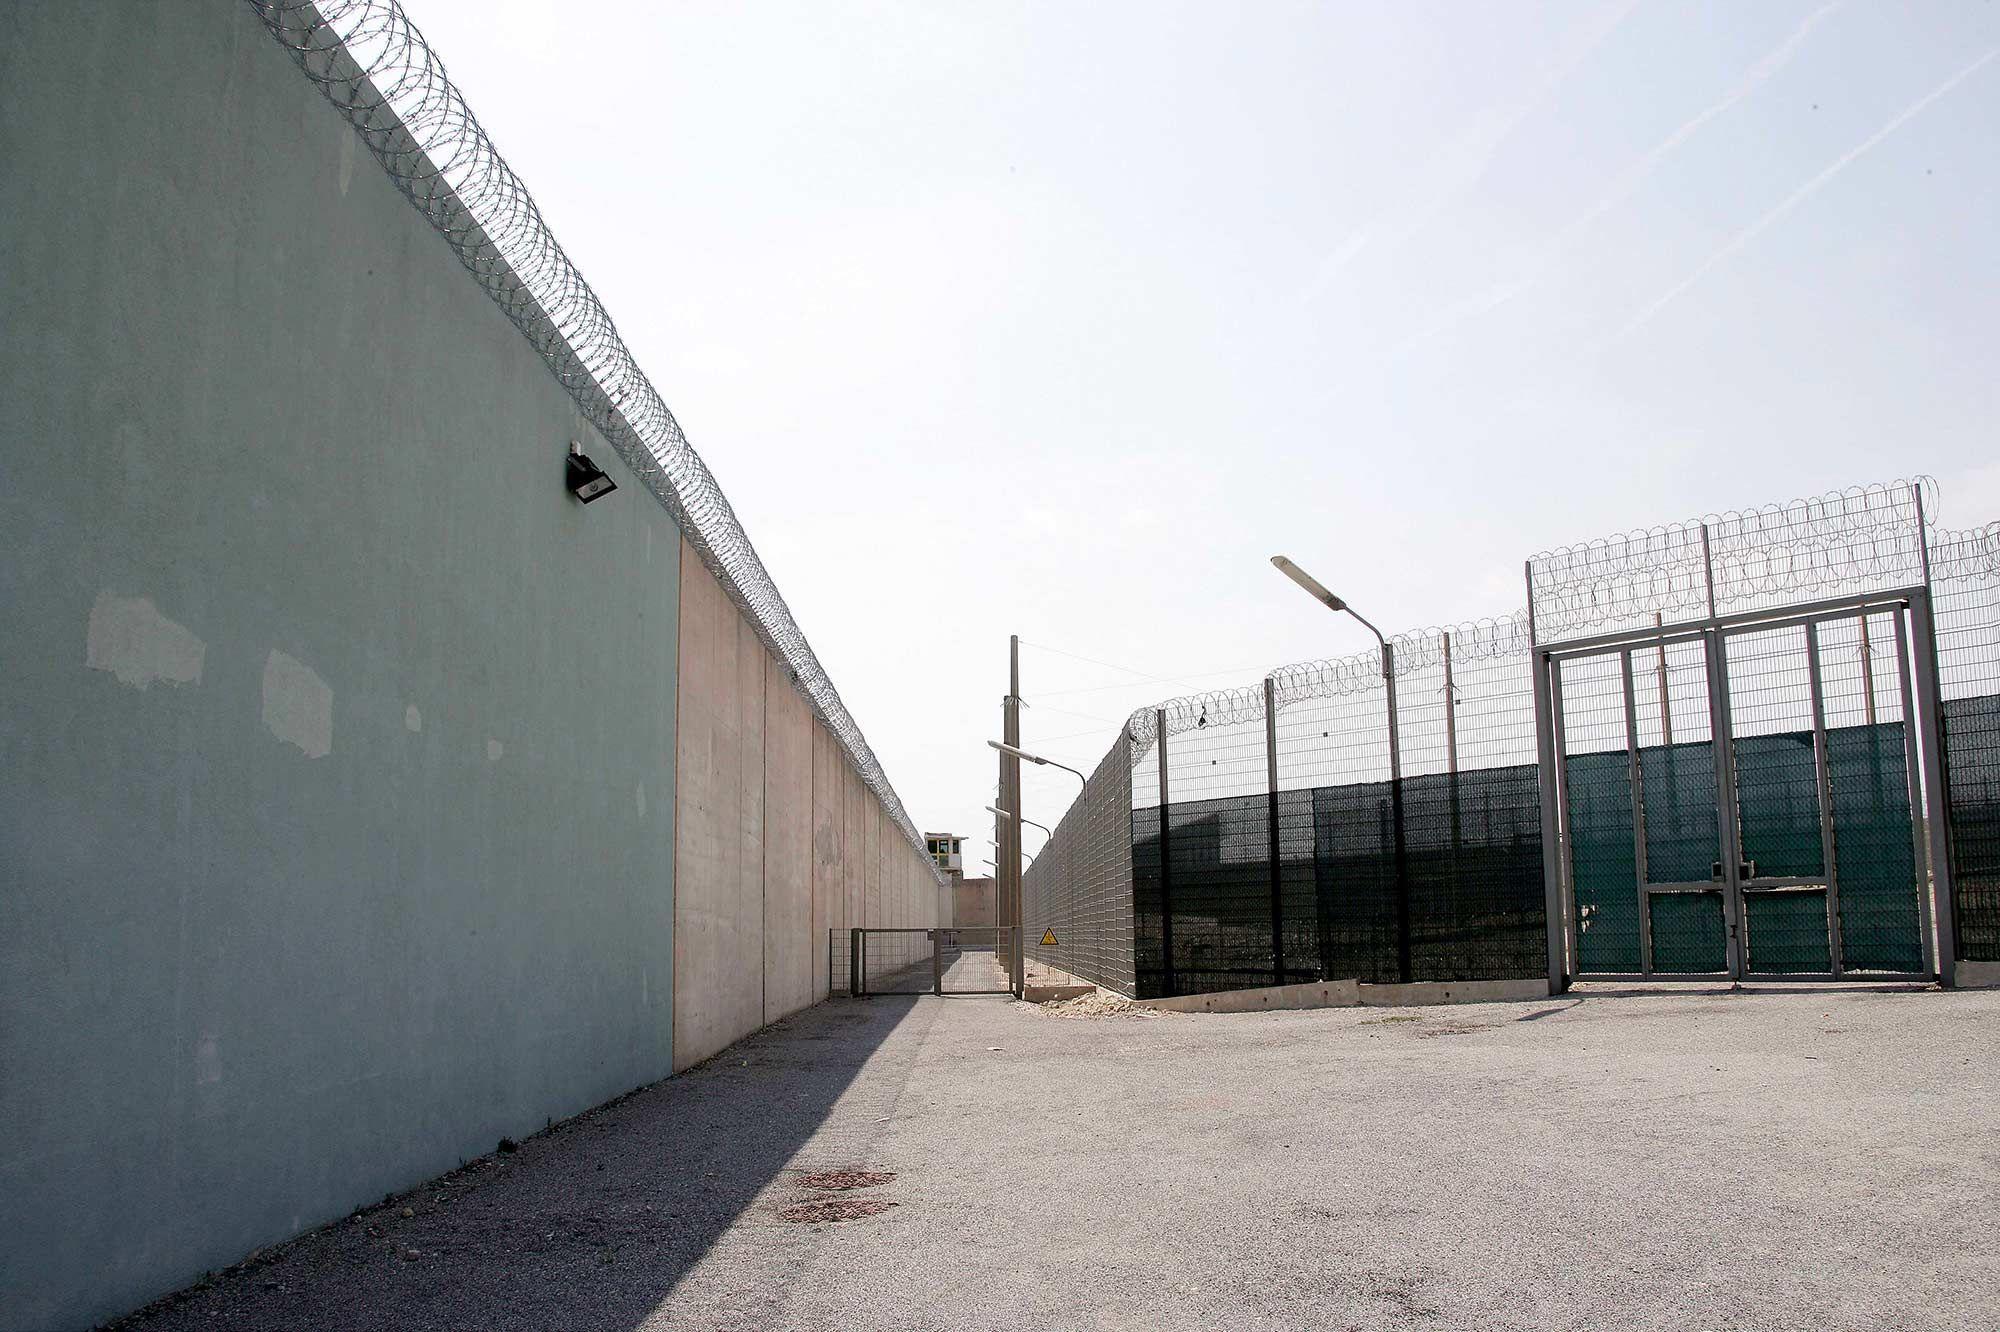 Évadé par ruse de la maison d'arrêt de Grasse, un détenu rattrapé in extremis